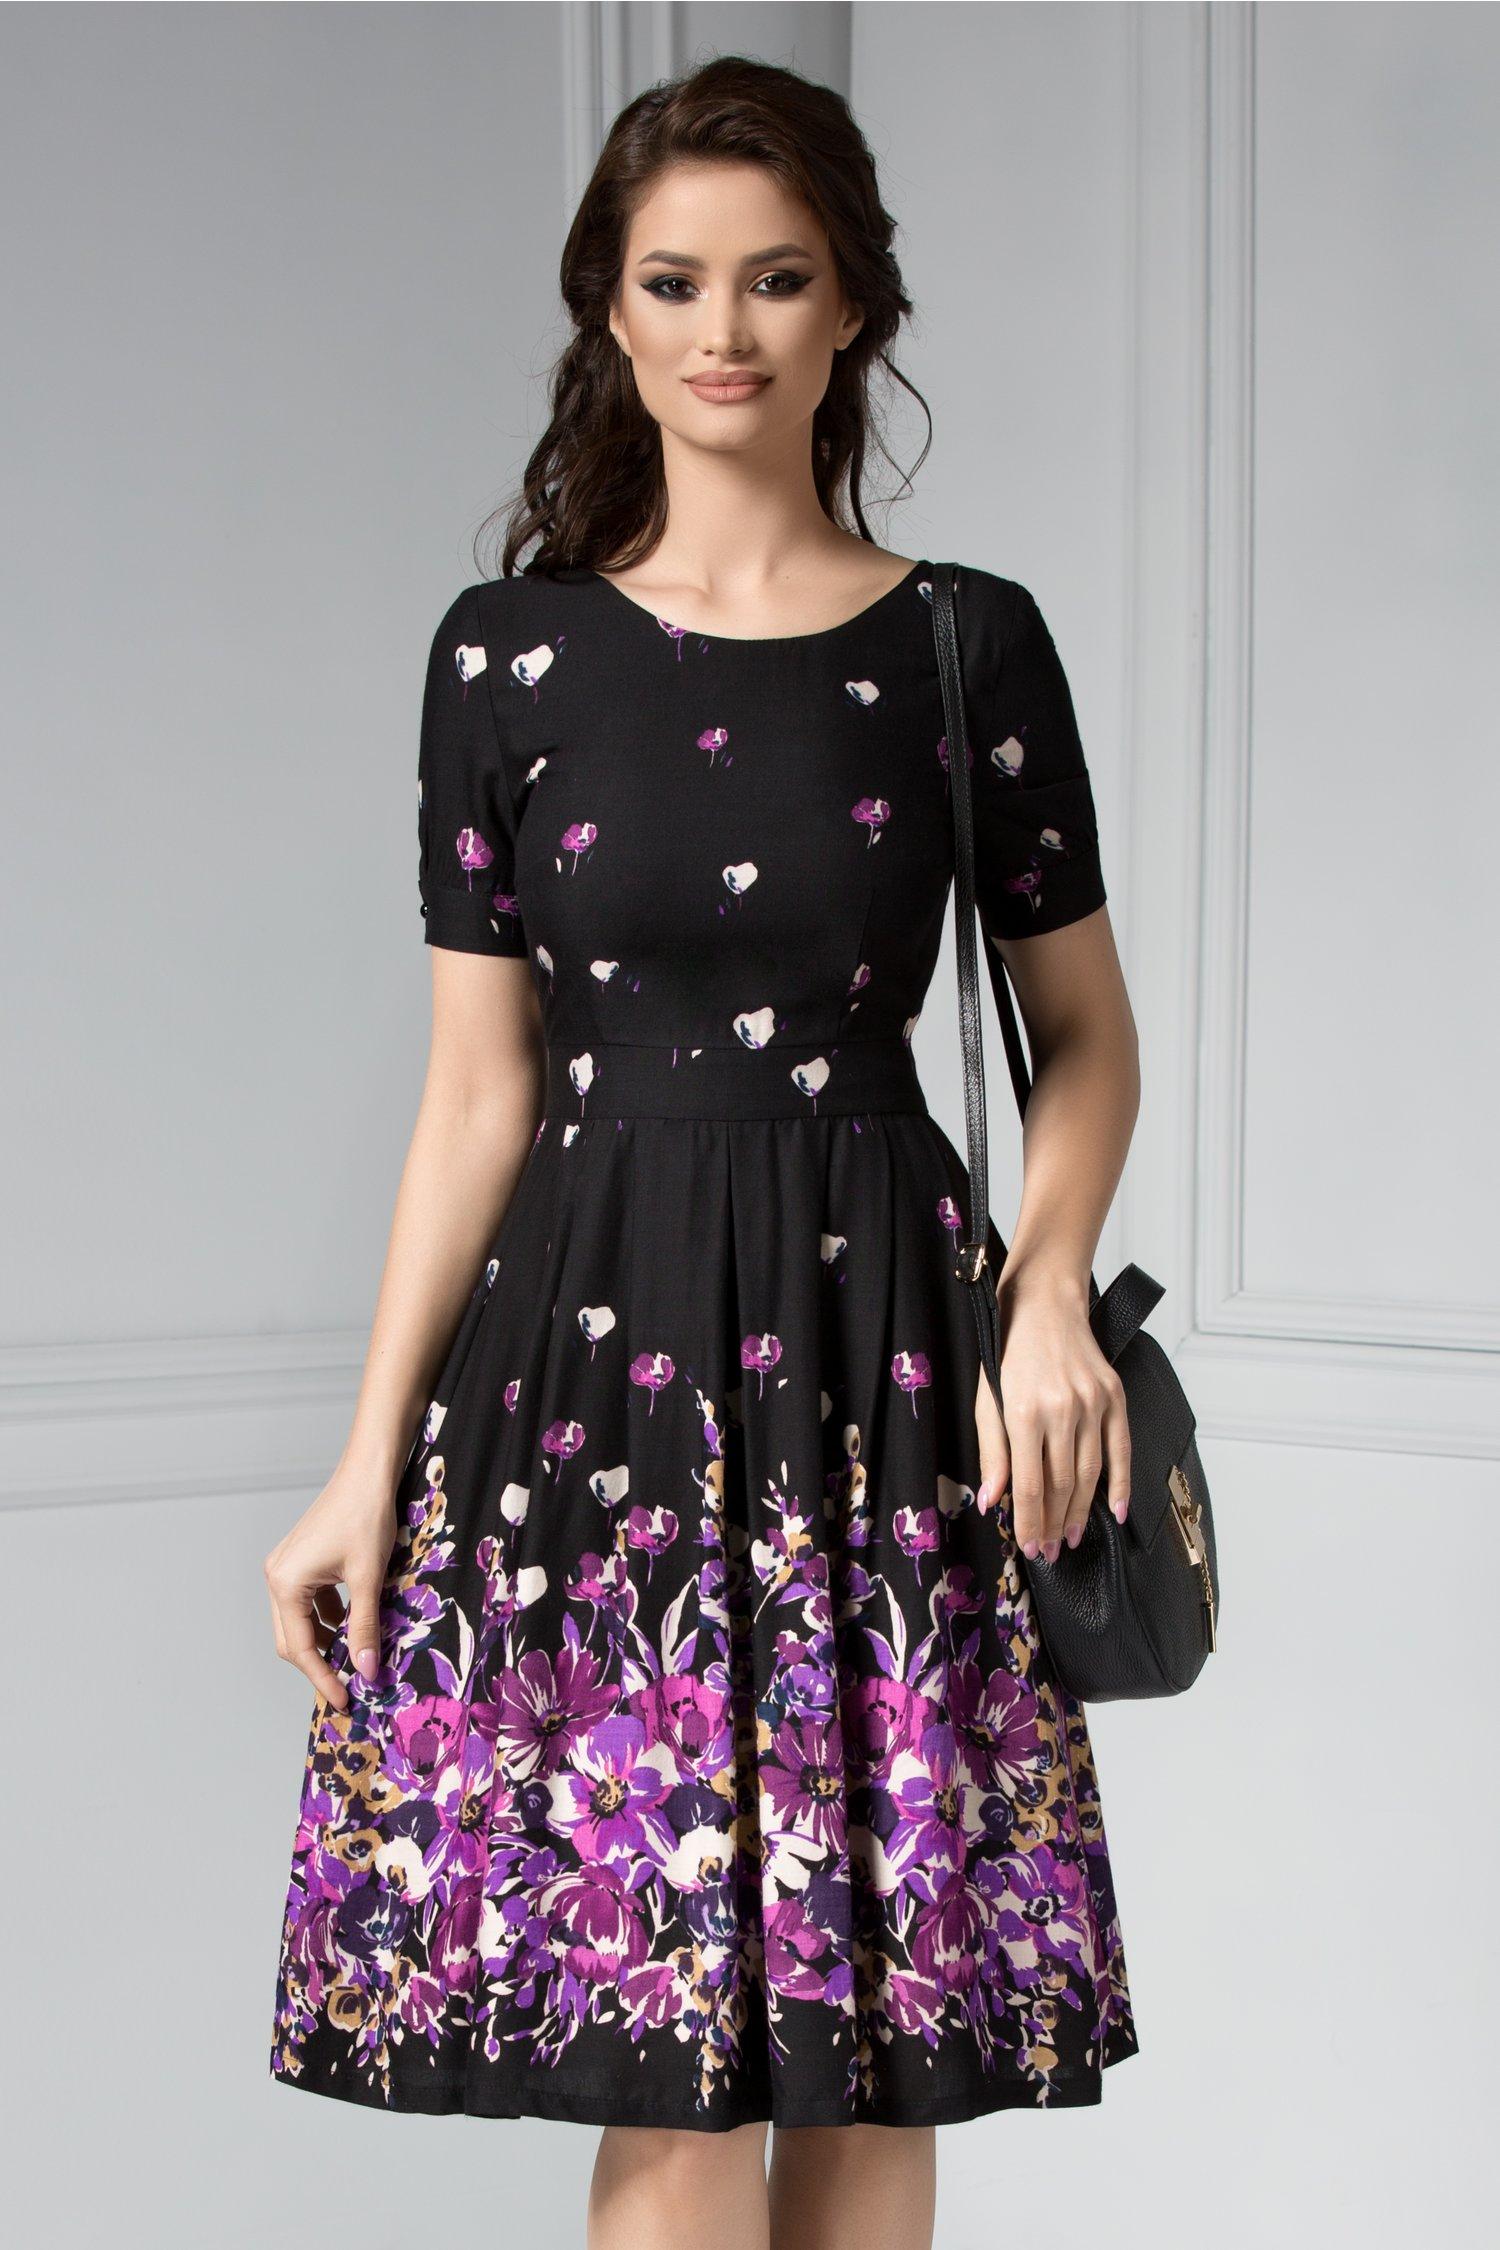 Rochie Marisa neagra cu imprimeu floral lila